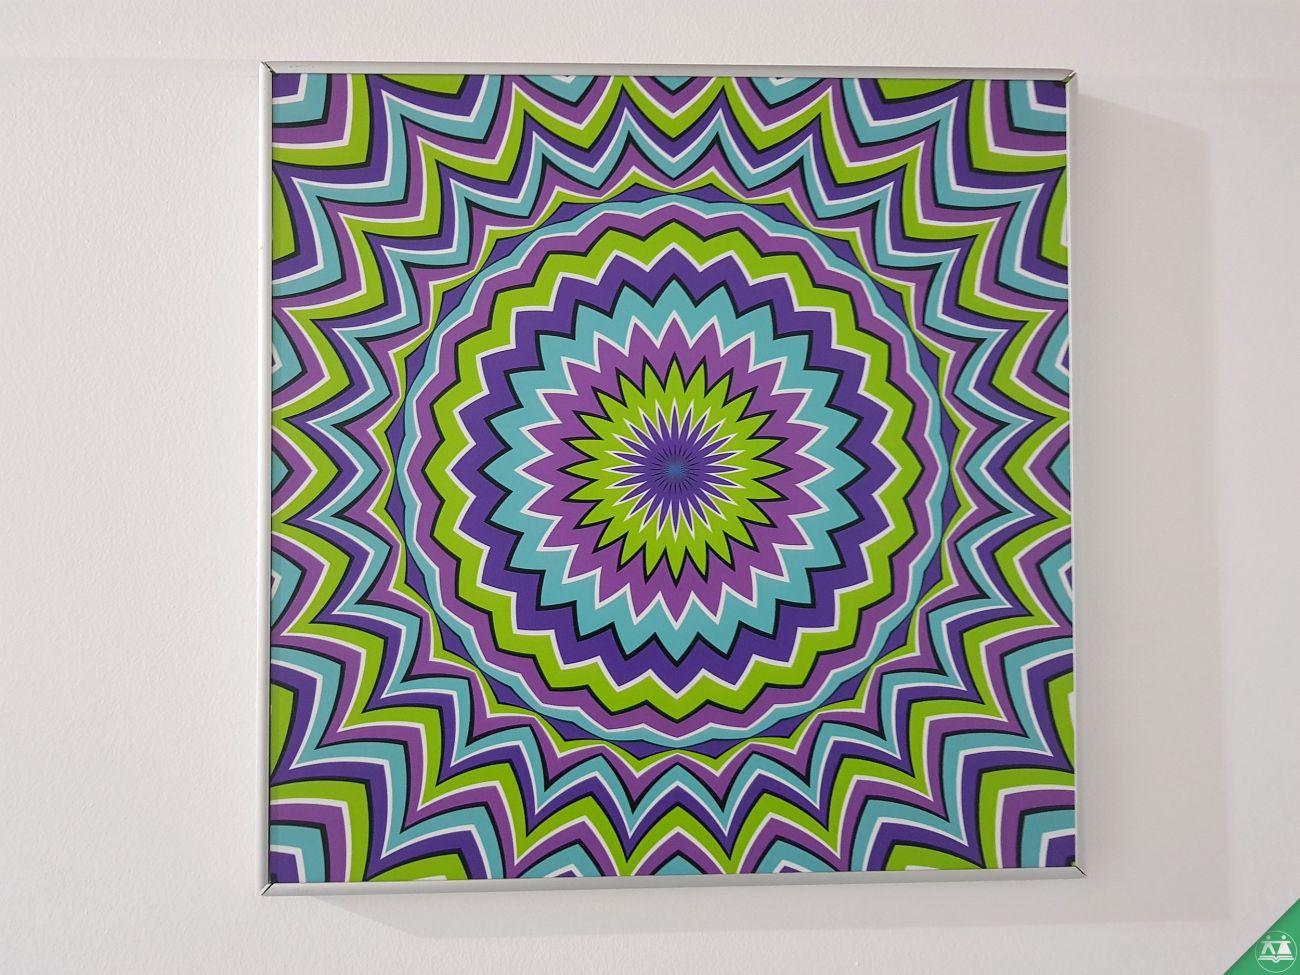 Hisa-poliedrov-drzavni-zbor-hisa-iluzij-043